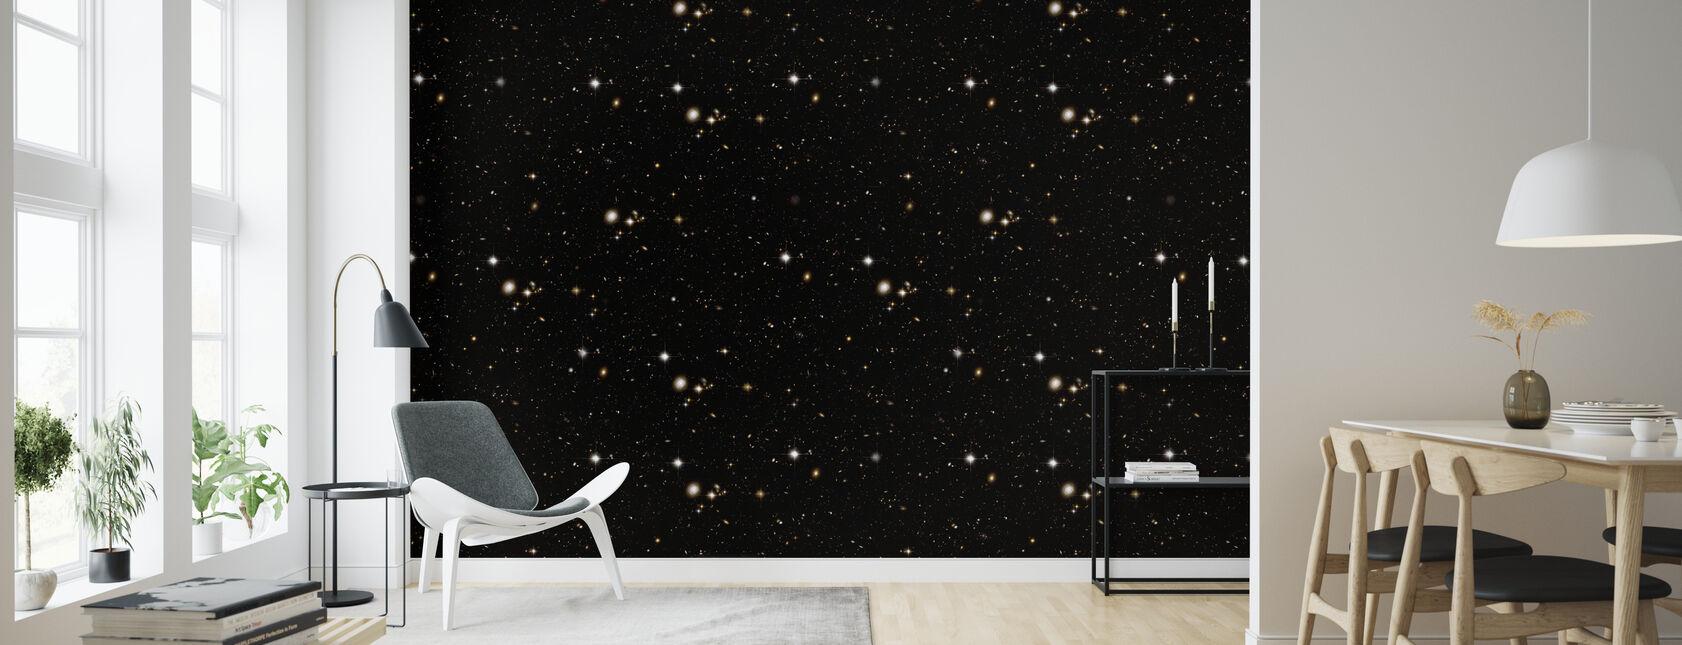 Schwarze Sterne - Tapete - Wohnzimmer